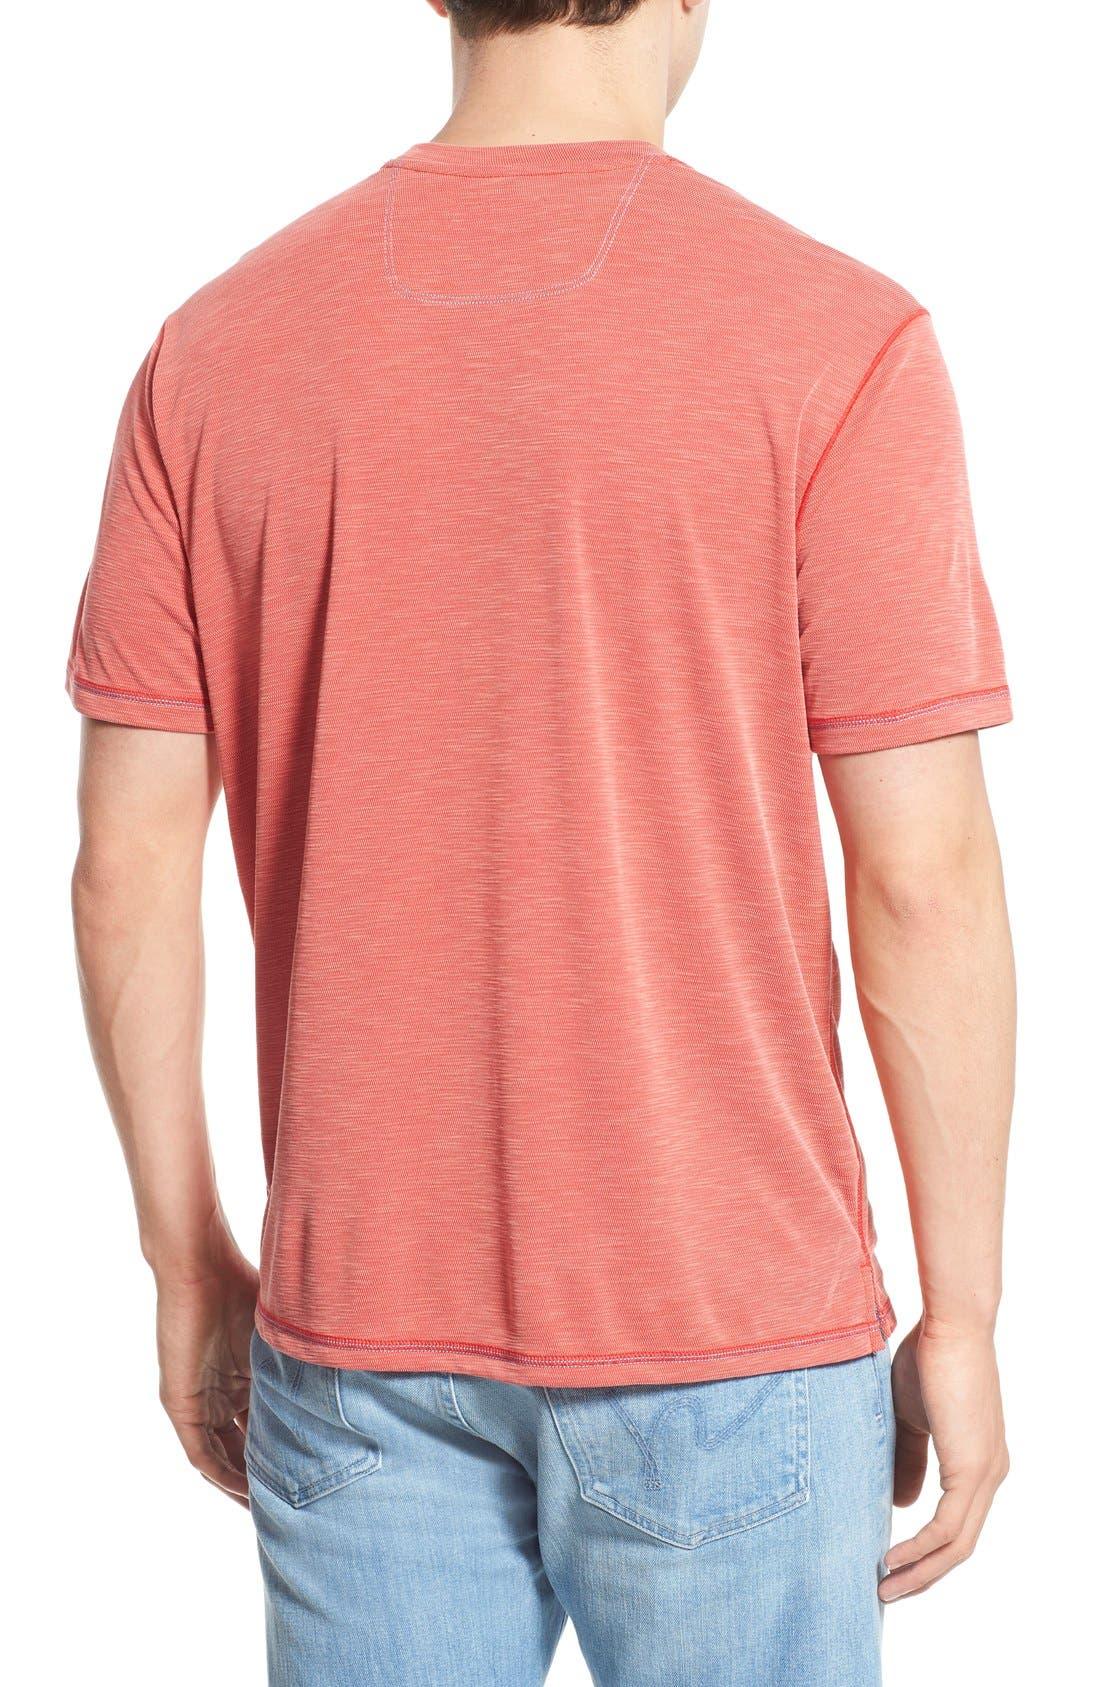 Alternate Image 2  - Tommy Bahama 'Paradise Around' Crewneck T-Shirt